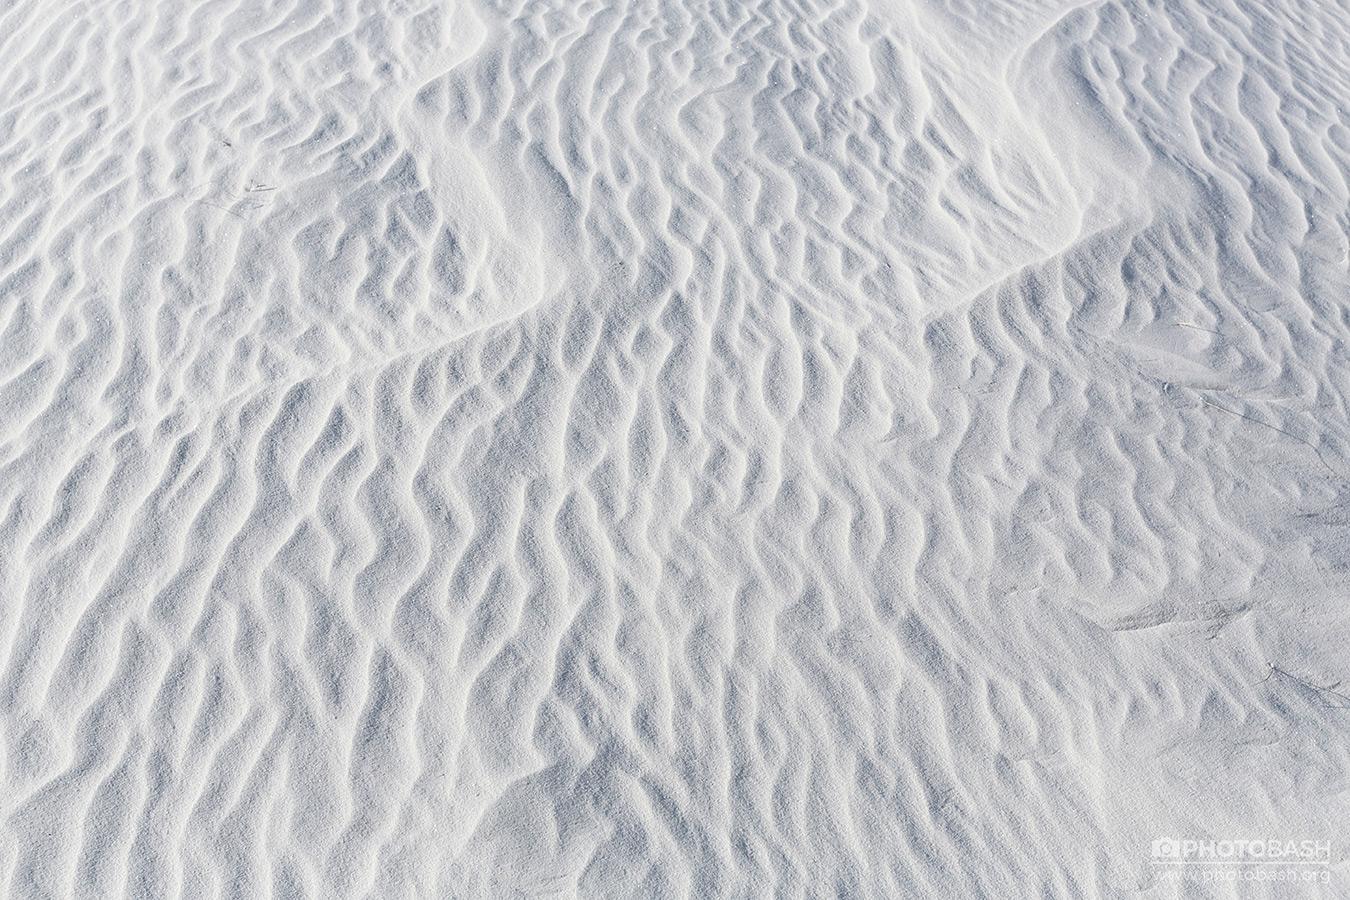 White-Desert-Sand-Texture.jpg